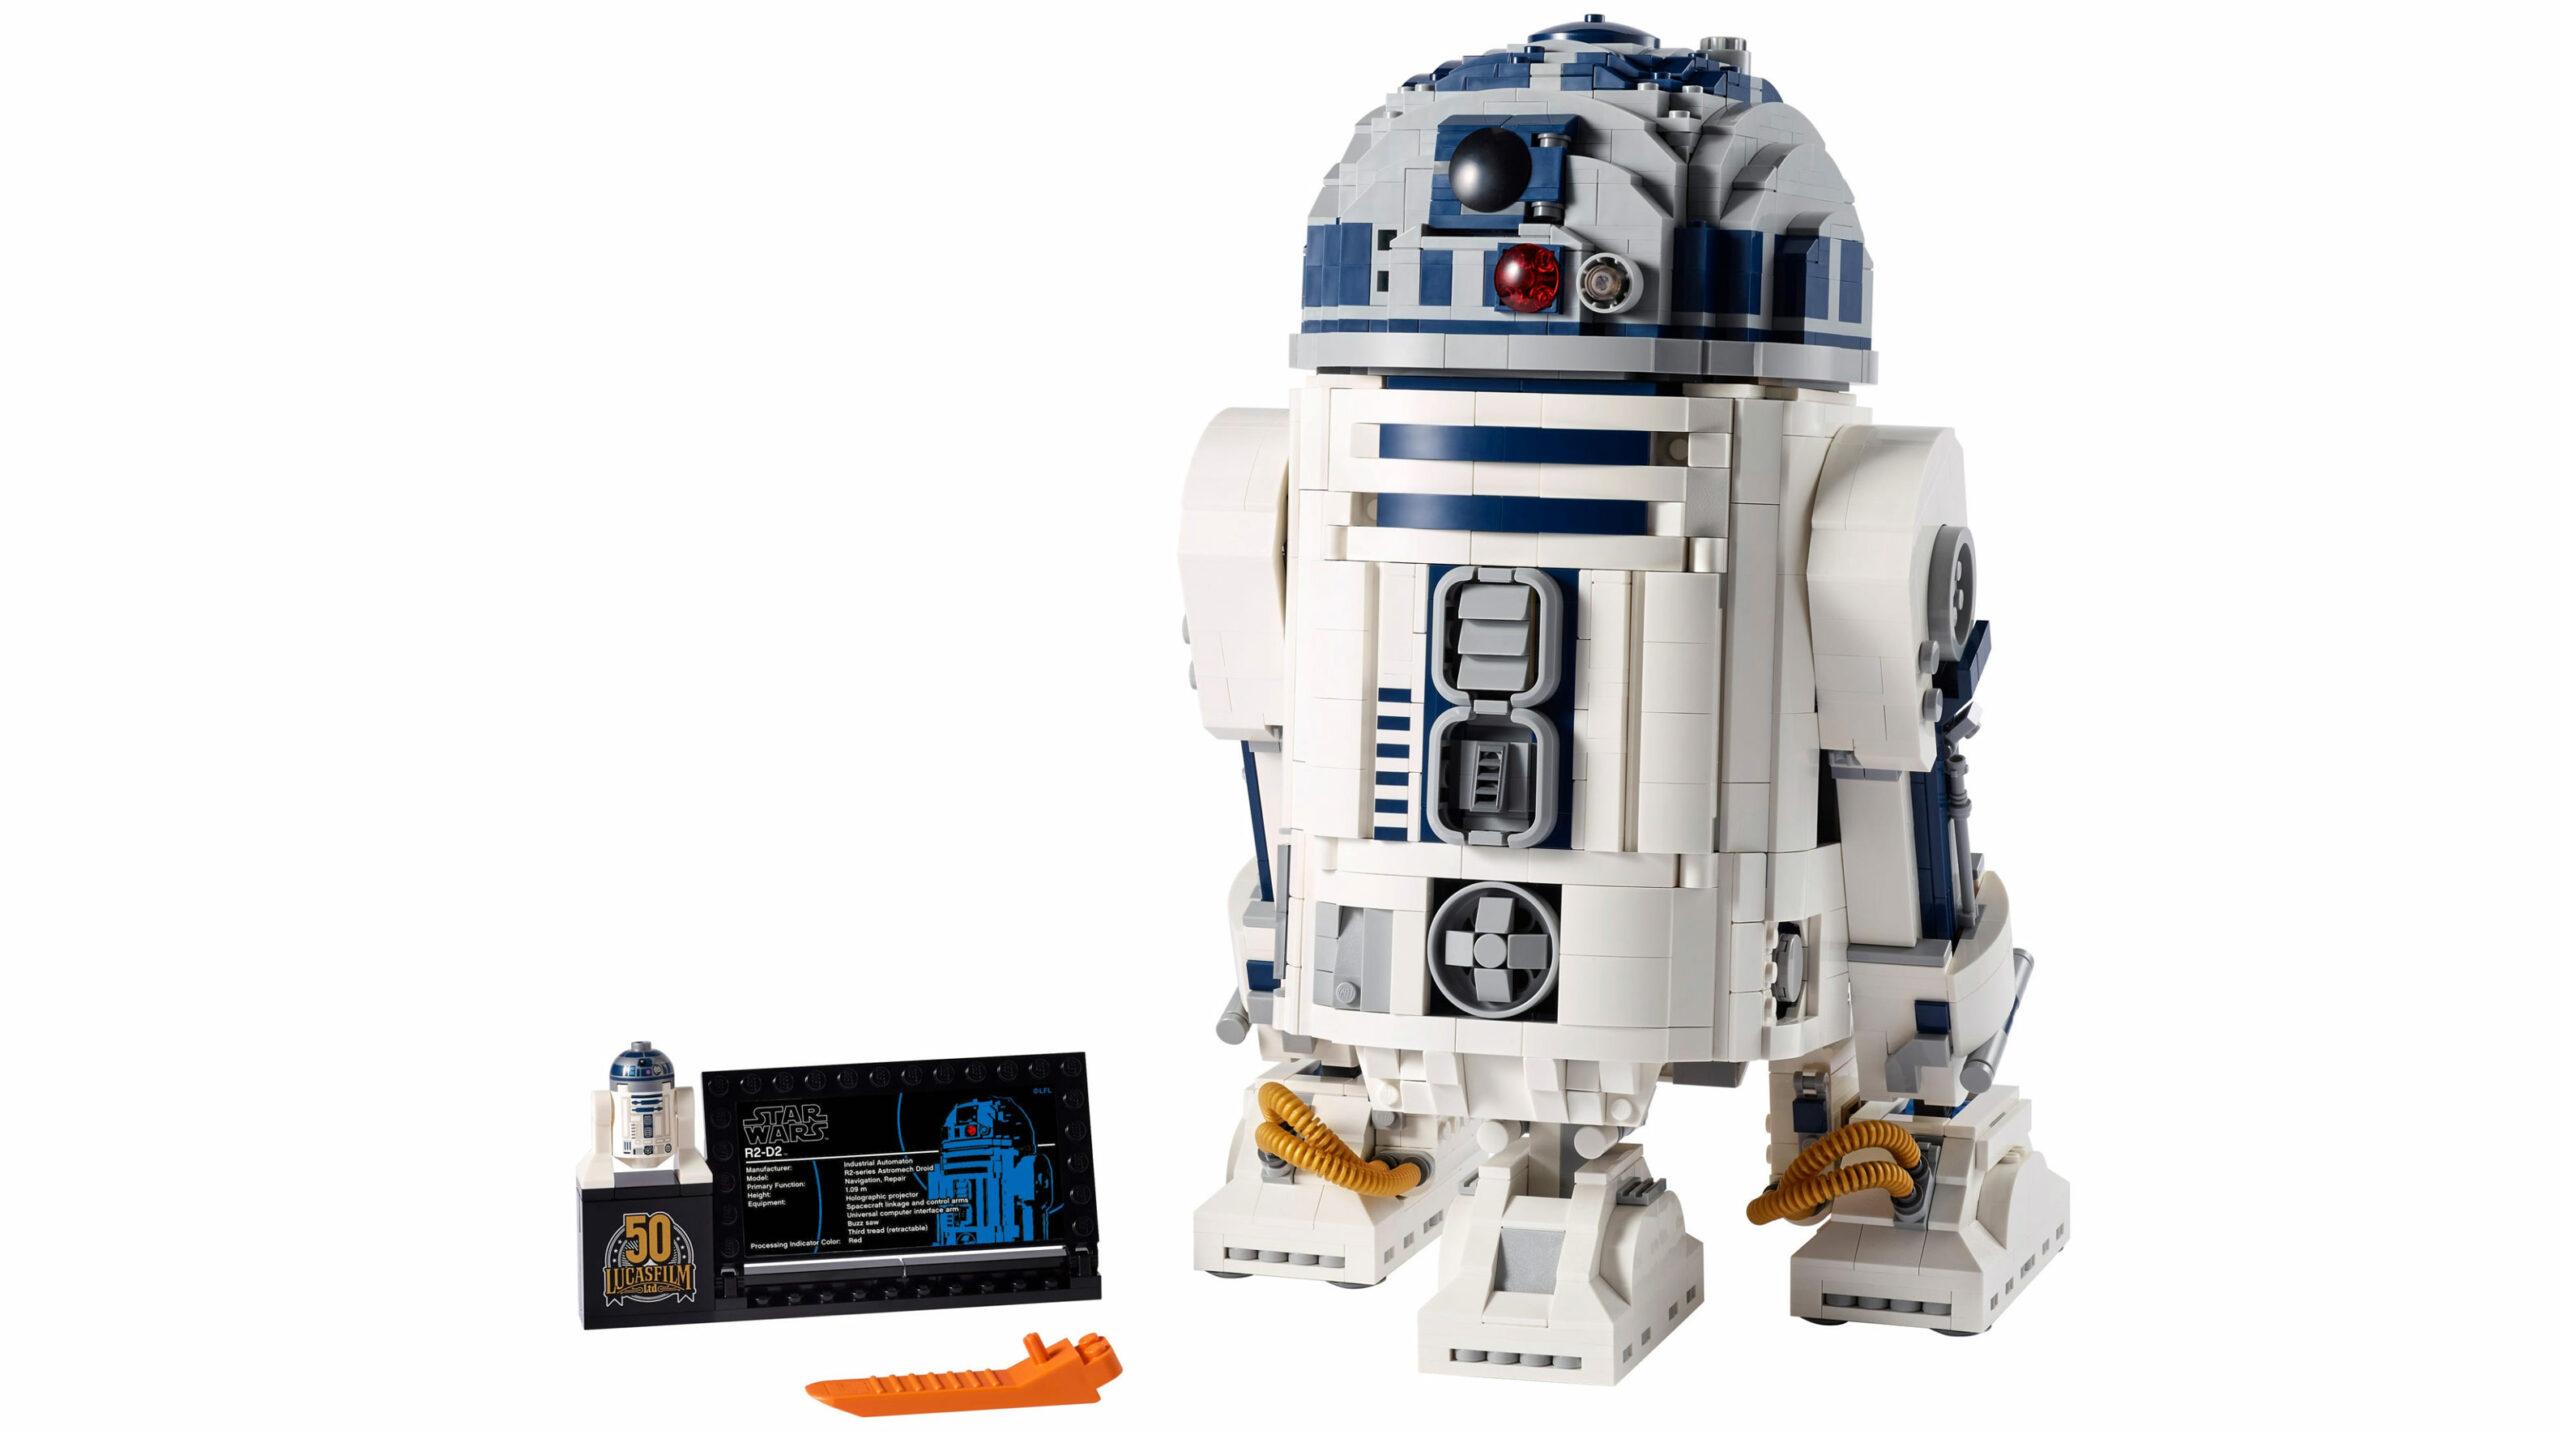 R2-D2 lego figure